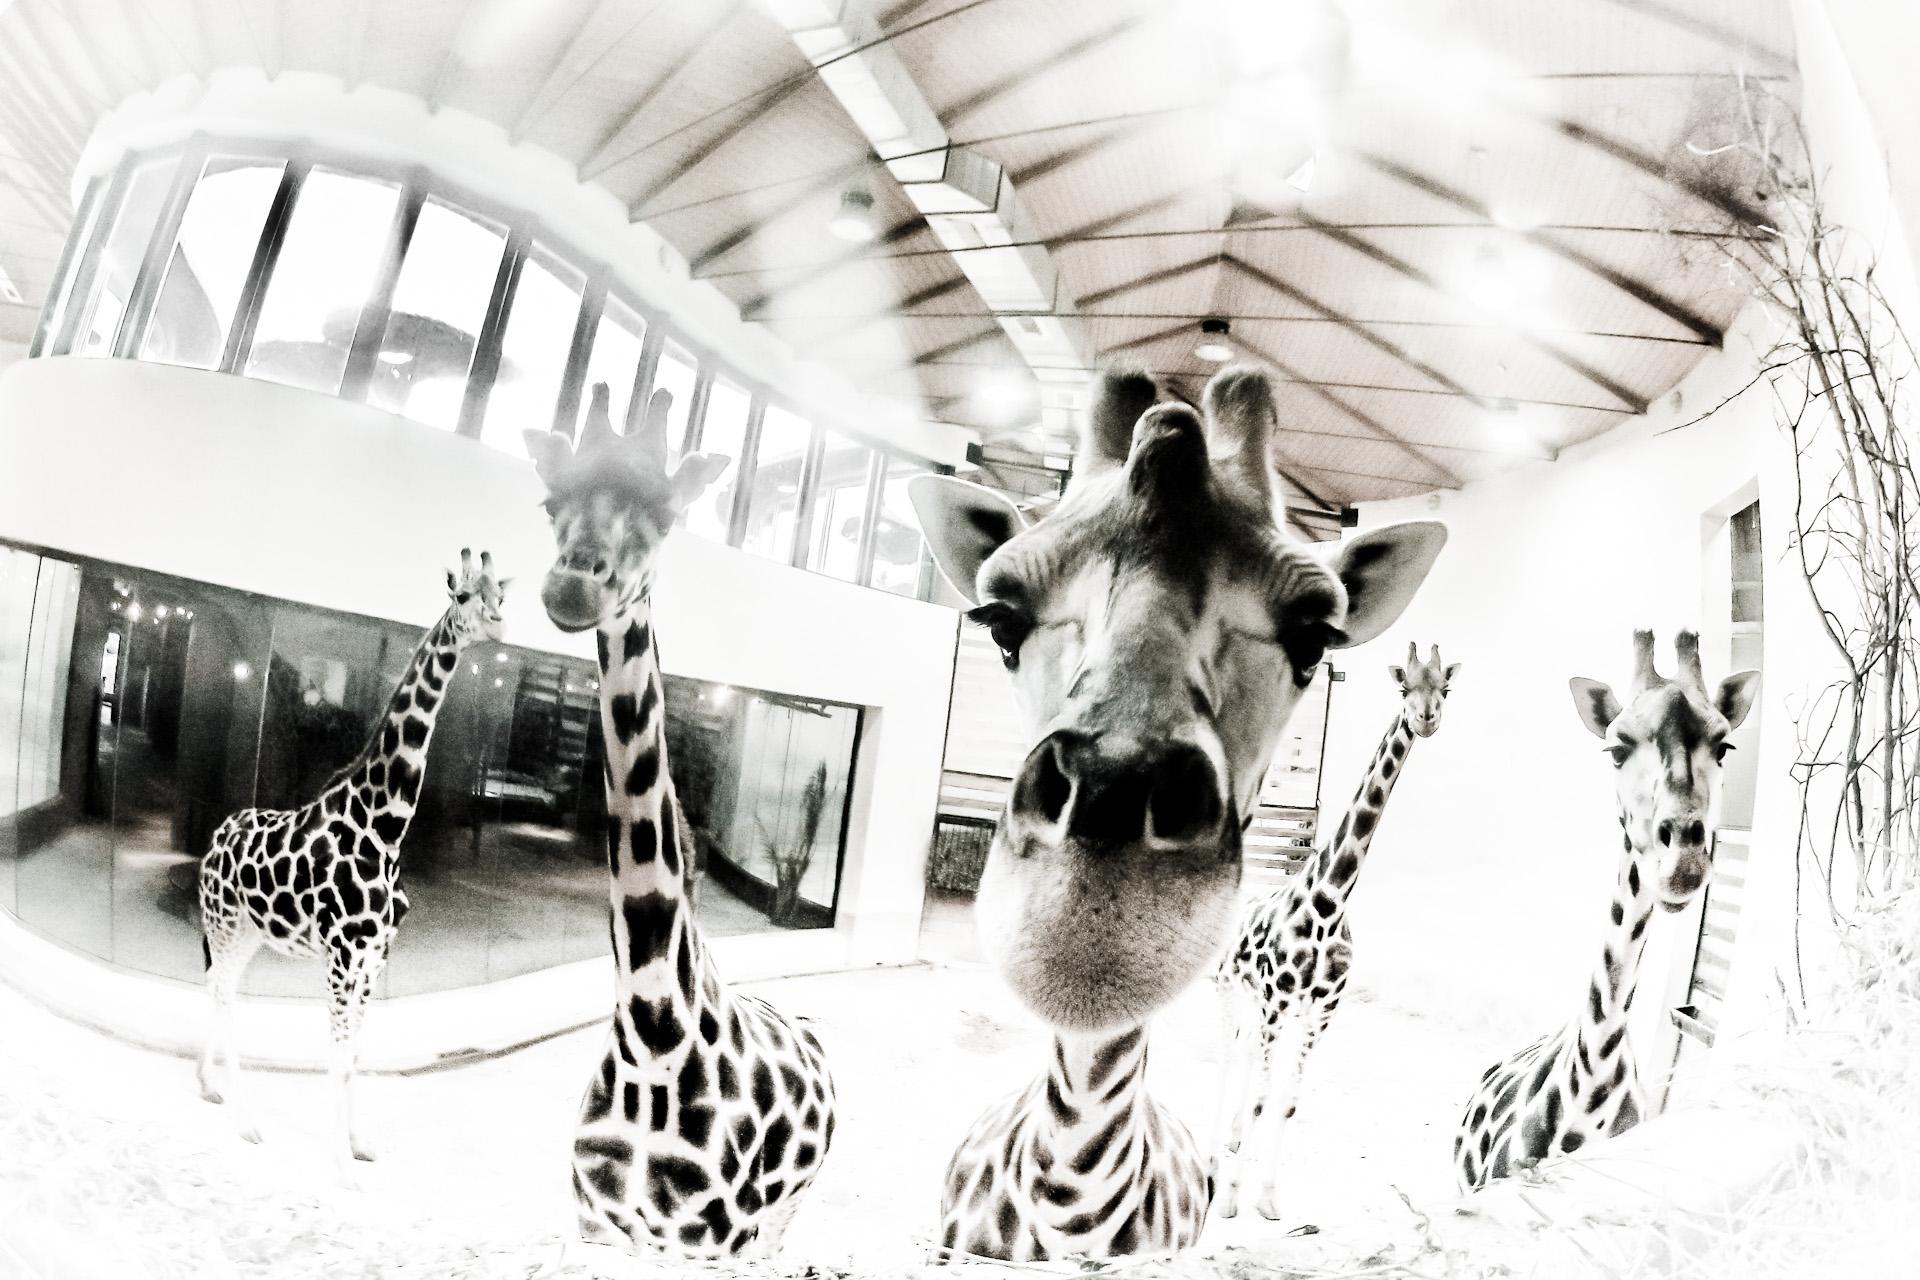 2 9. října 2012, Zoologická zahrada v Praze      Byl jsem s dvěma studenty za žirafami. Tak nějak se stalo že jsem jim oběma půjčil oba fotoaparáty, čím jsem ale měl fotit já? No přeci tím, co bylo po ruce... Zleva doprava: Gabriela, Diana, Faraa, Kleopatra a Eliška. ISO 121, 1/25 sec.